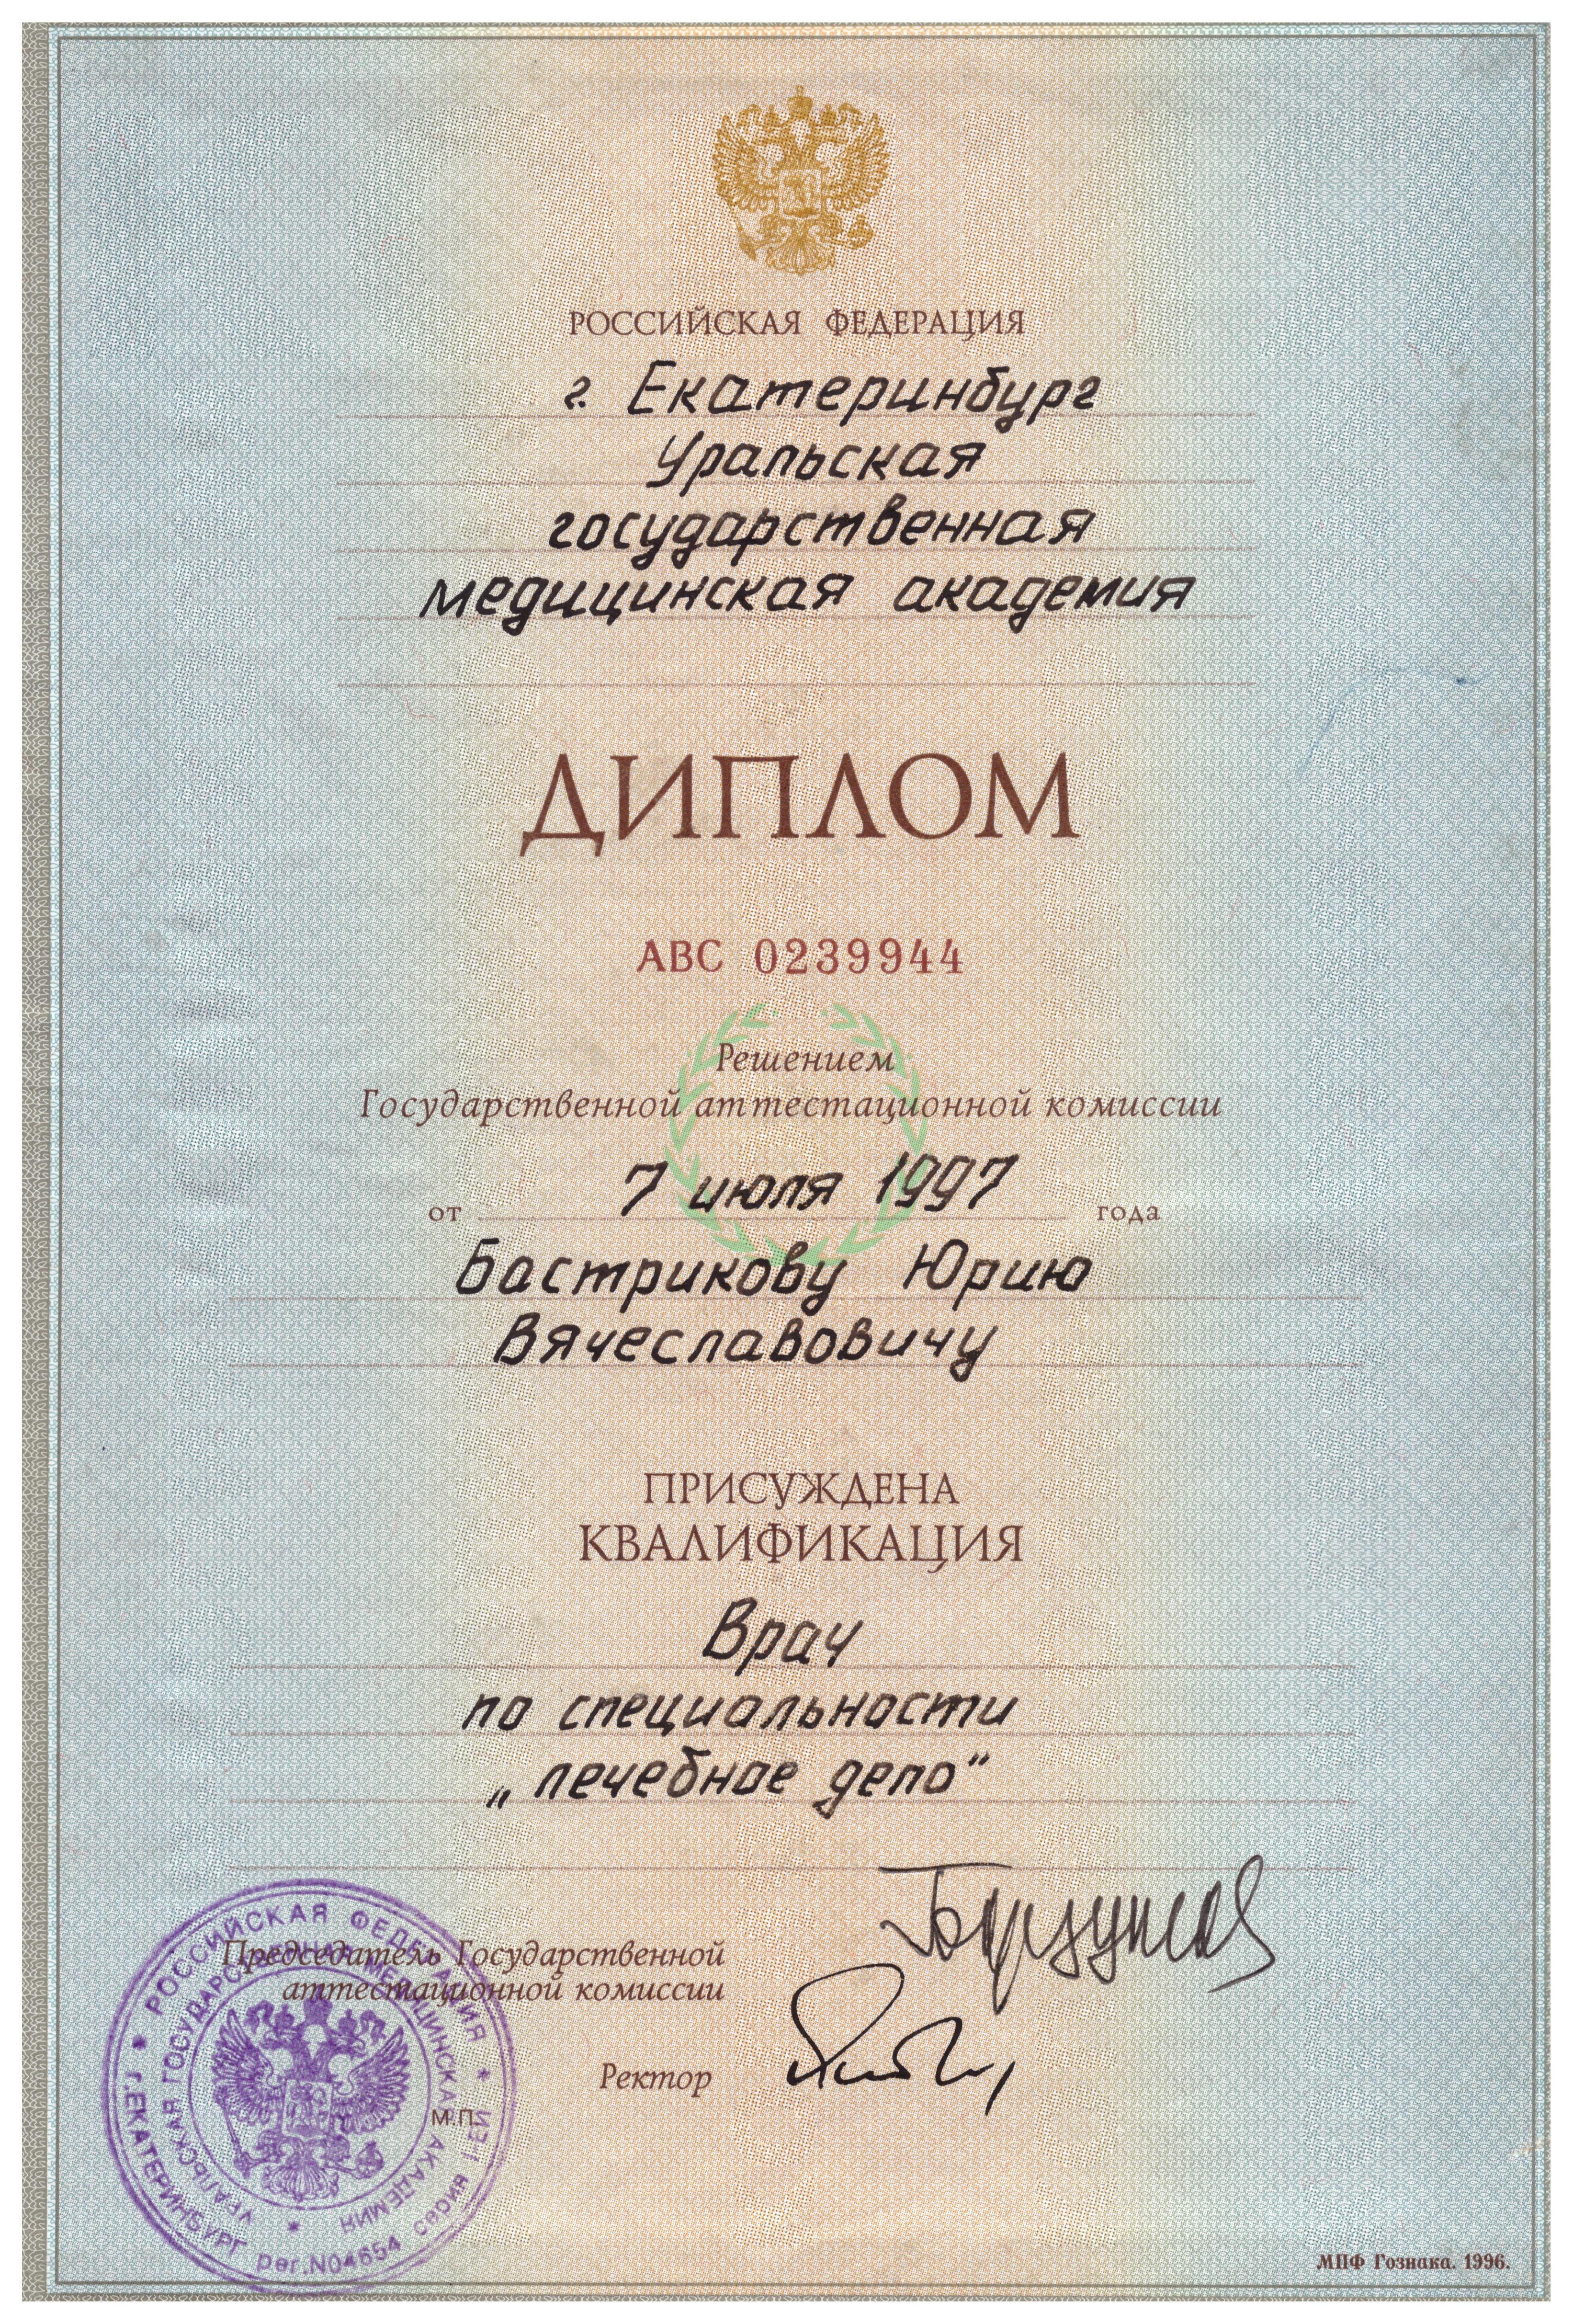 """Диплом государственной медицинской академии по специальности """"Врачебное дело"""""""